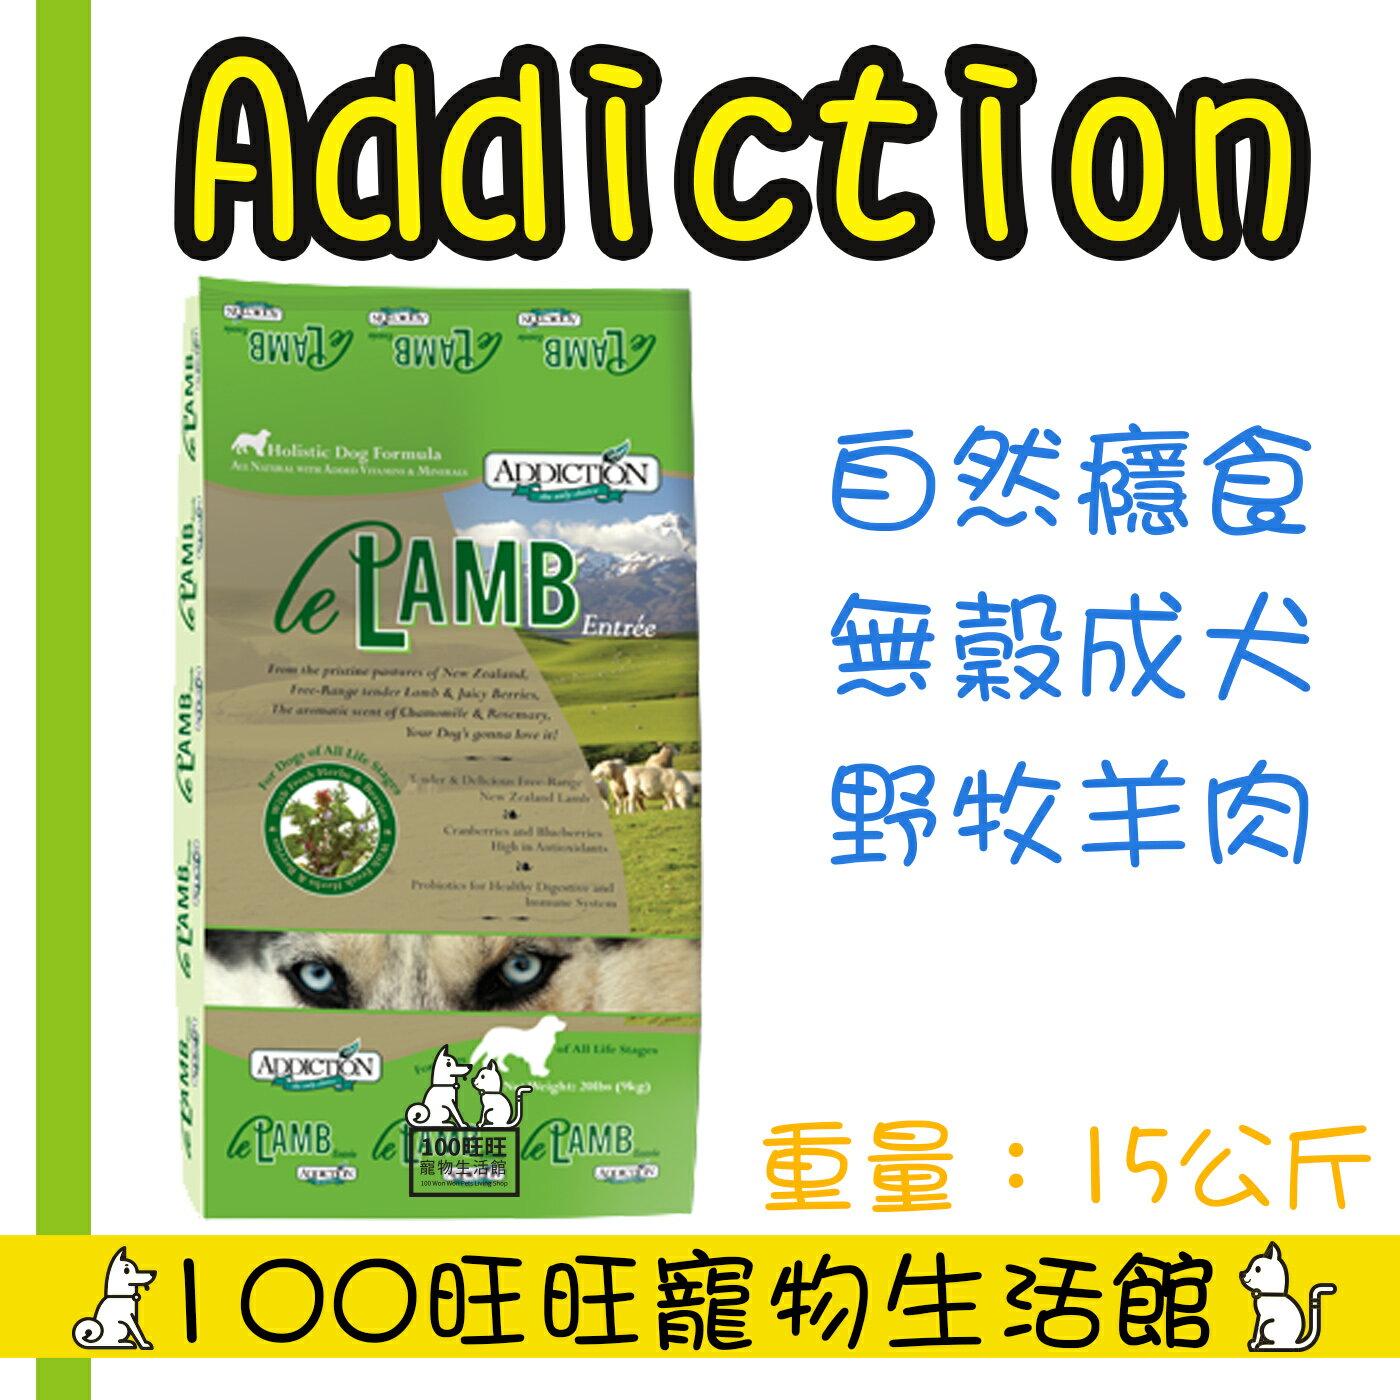 【Addiction自然癮食】ADD自然癮食無穀野牧羊肉犬食15kg